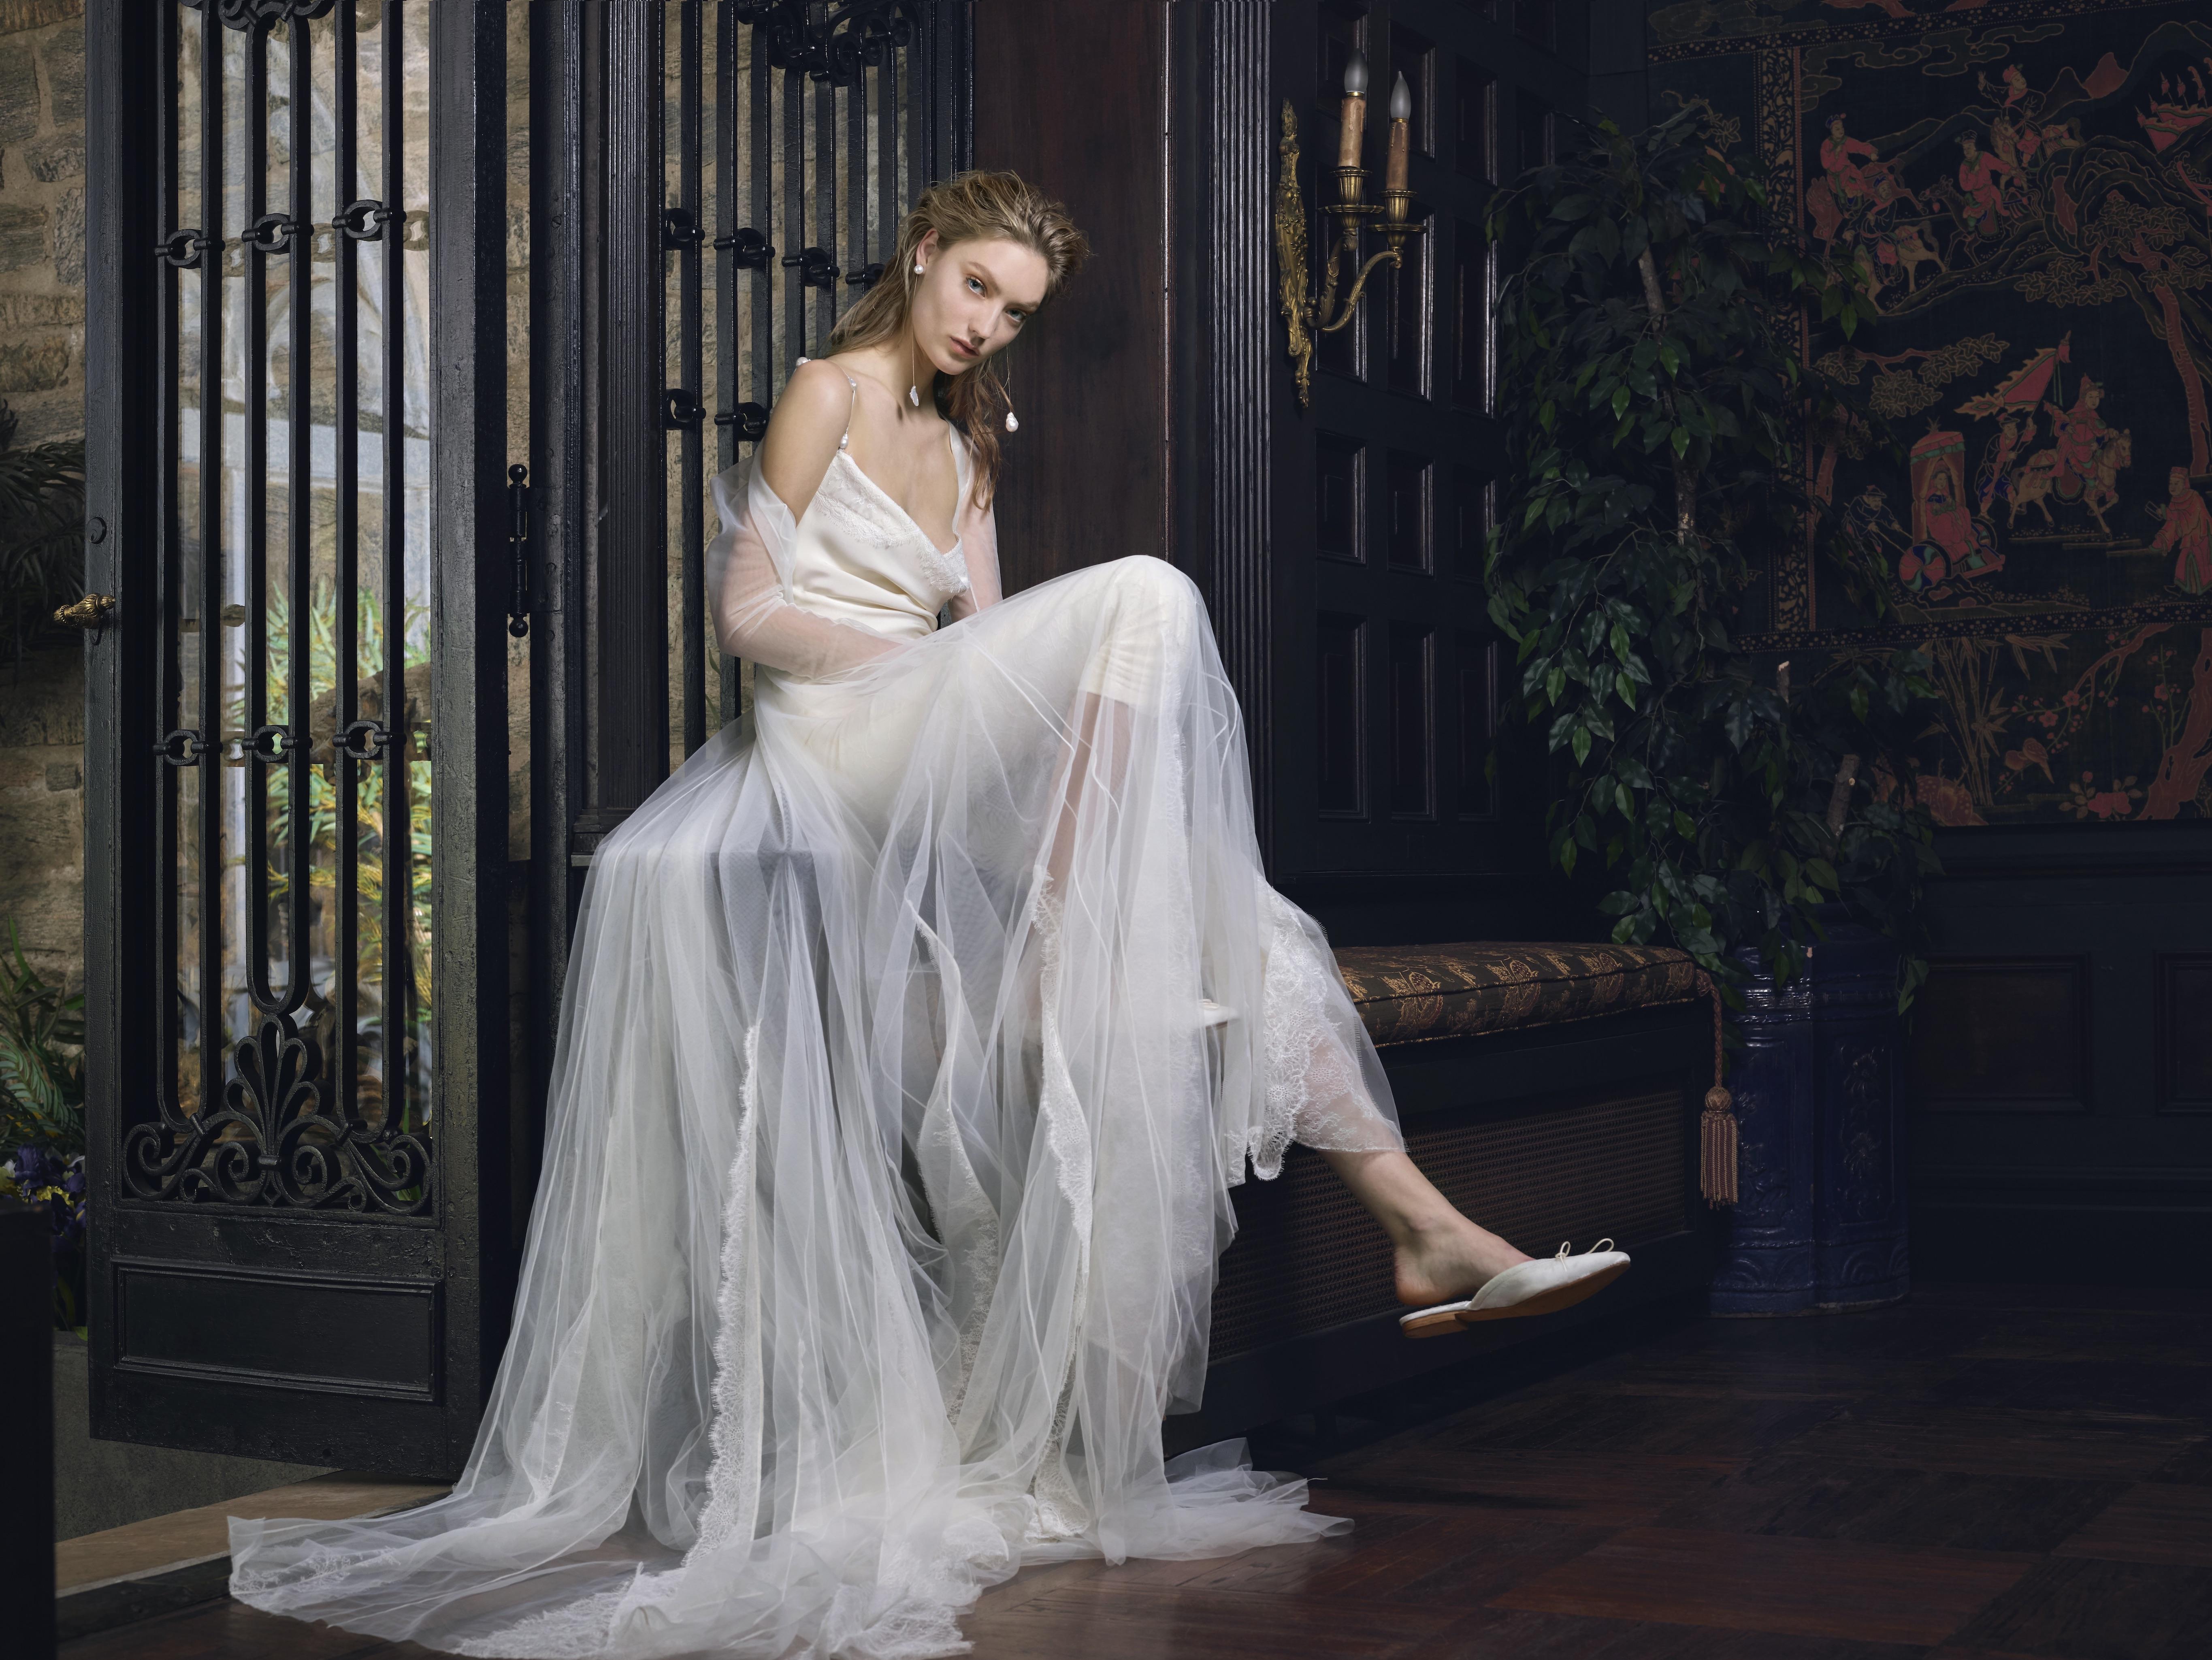 danielle frankel wedding dress spring 2019 beaded spaghetti straps draped front